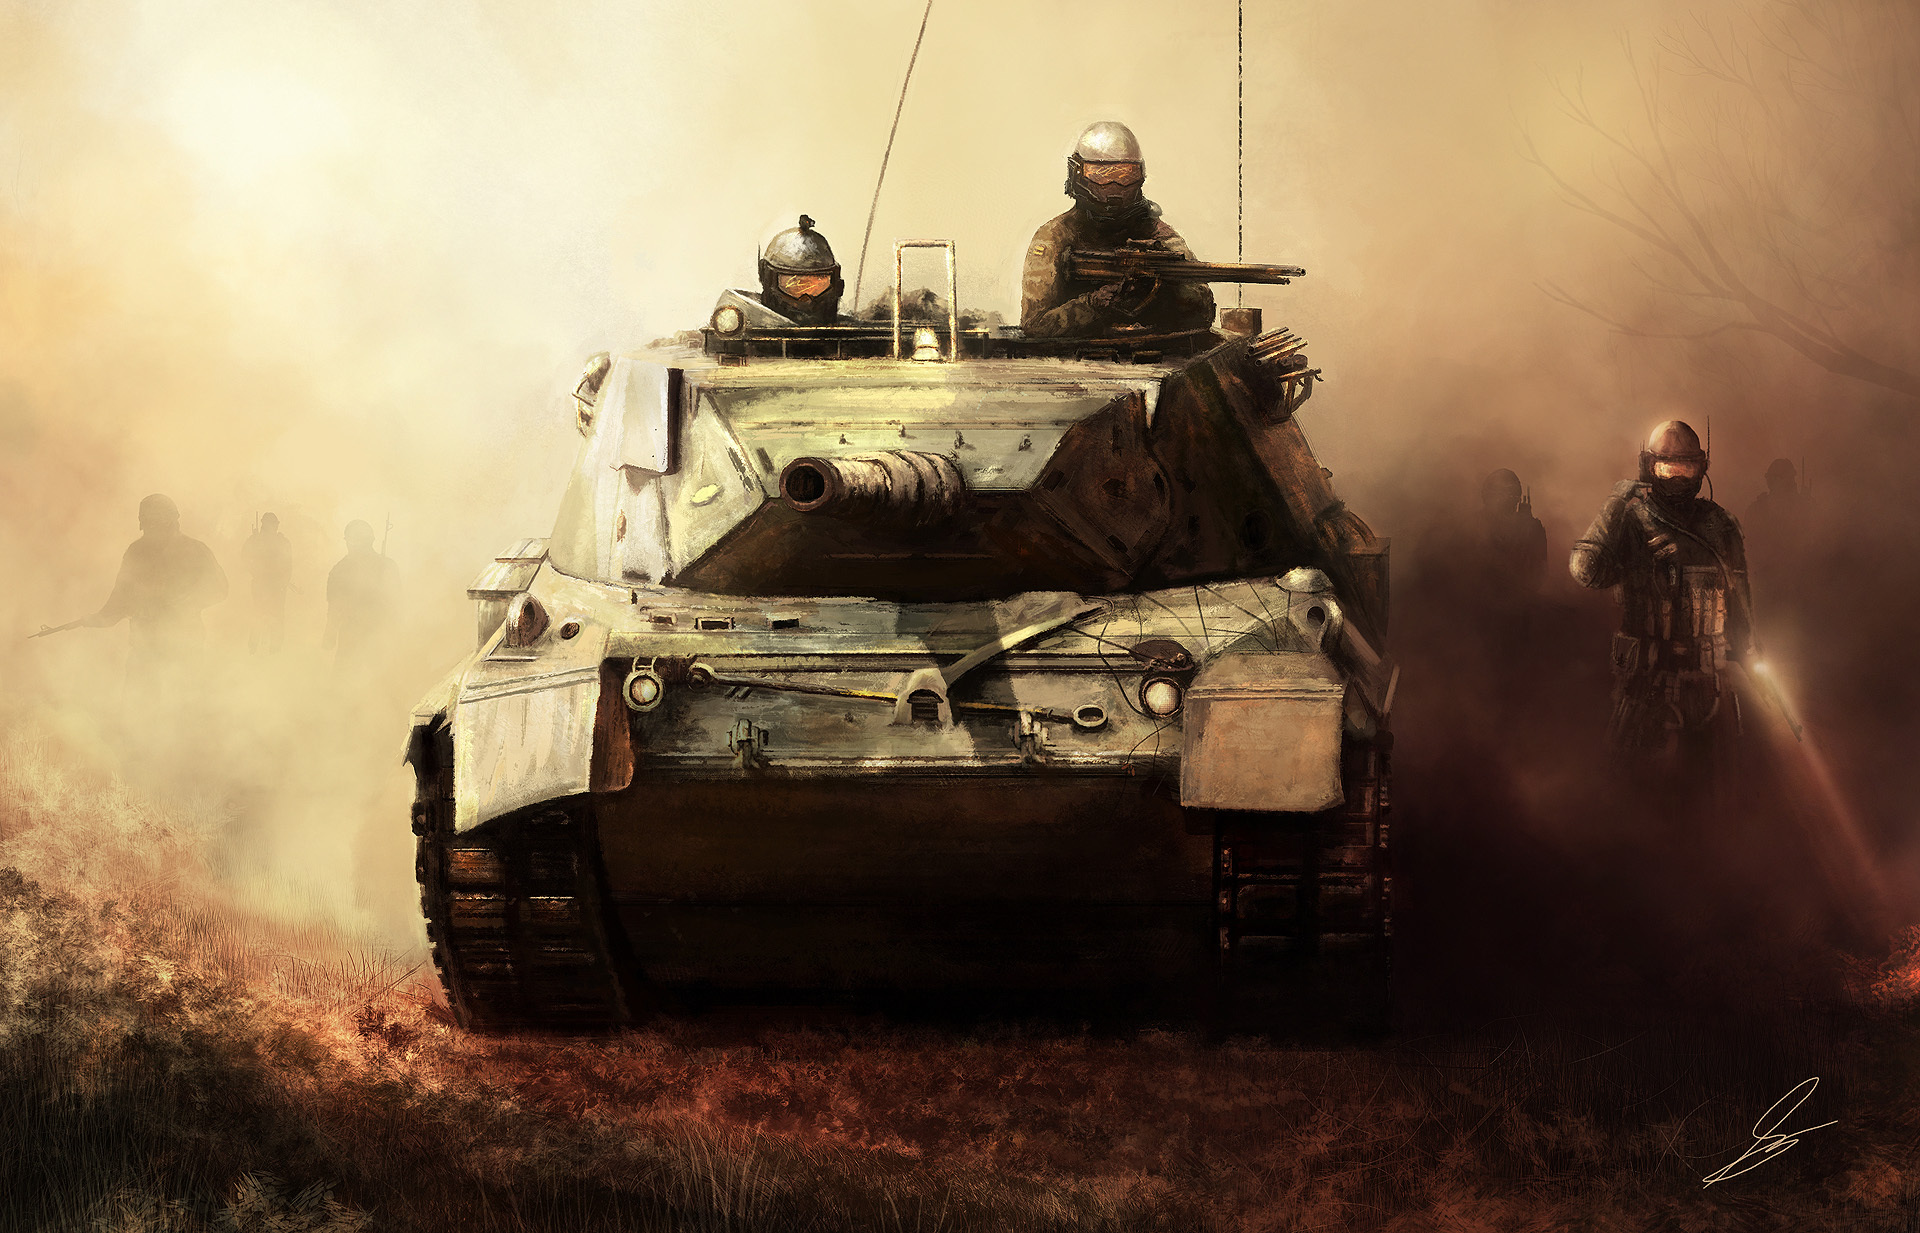 Арт, военные, танк, солдаты обои скачать